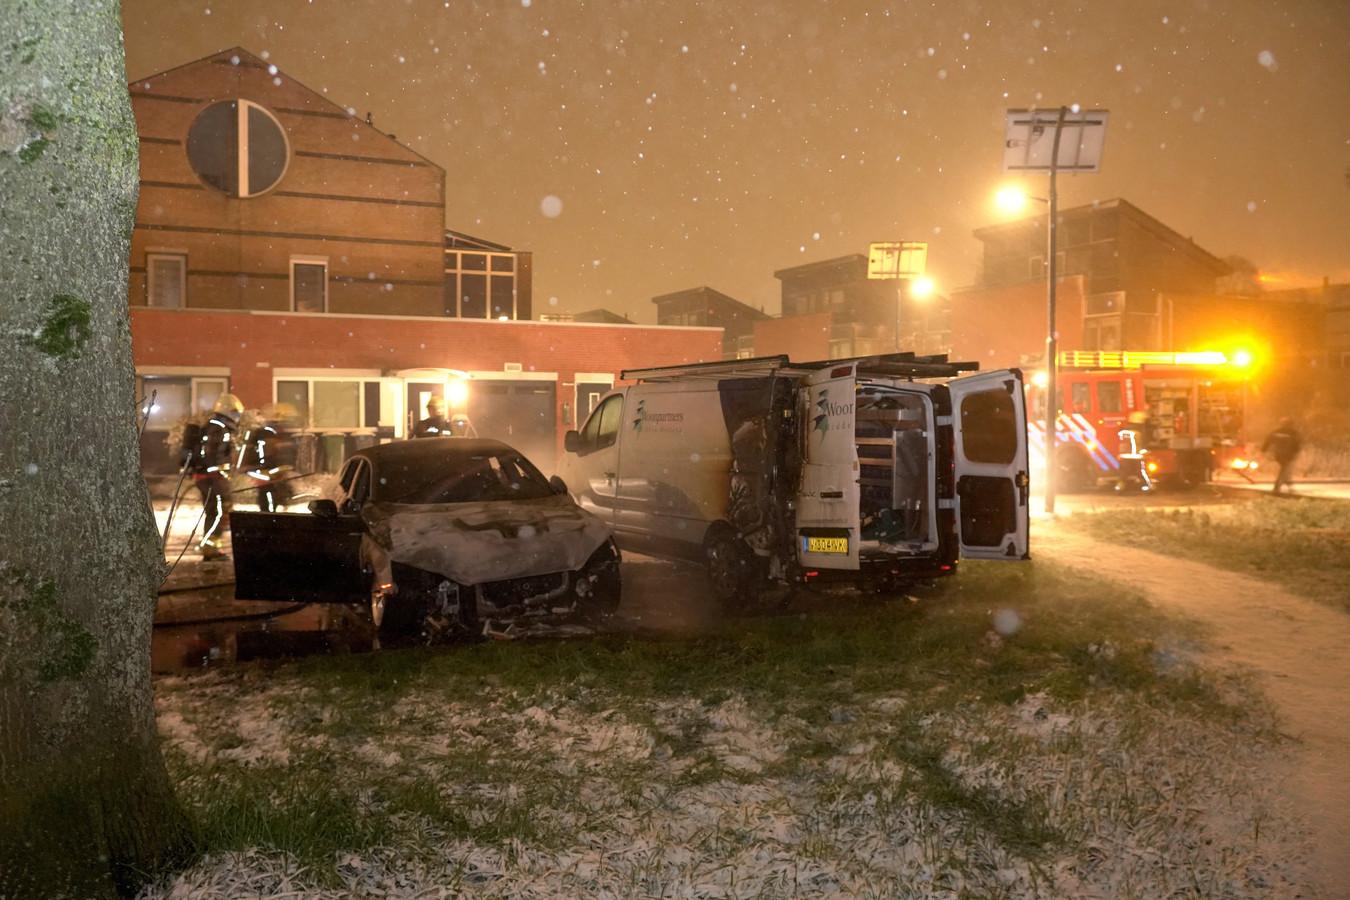 Een personenauto aan de Rentmeesterslag in Gouda Noord liep zware schade op door brand. Een bestelbus van Woonpartners raakte ook beschadigd.